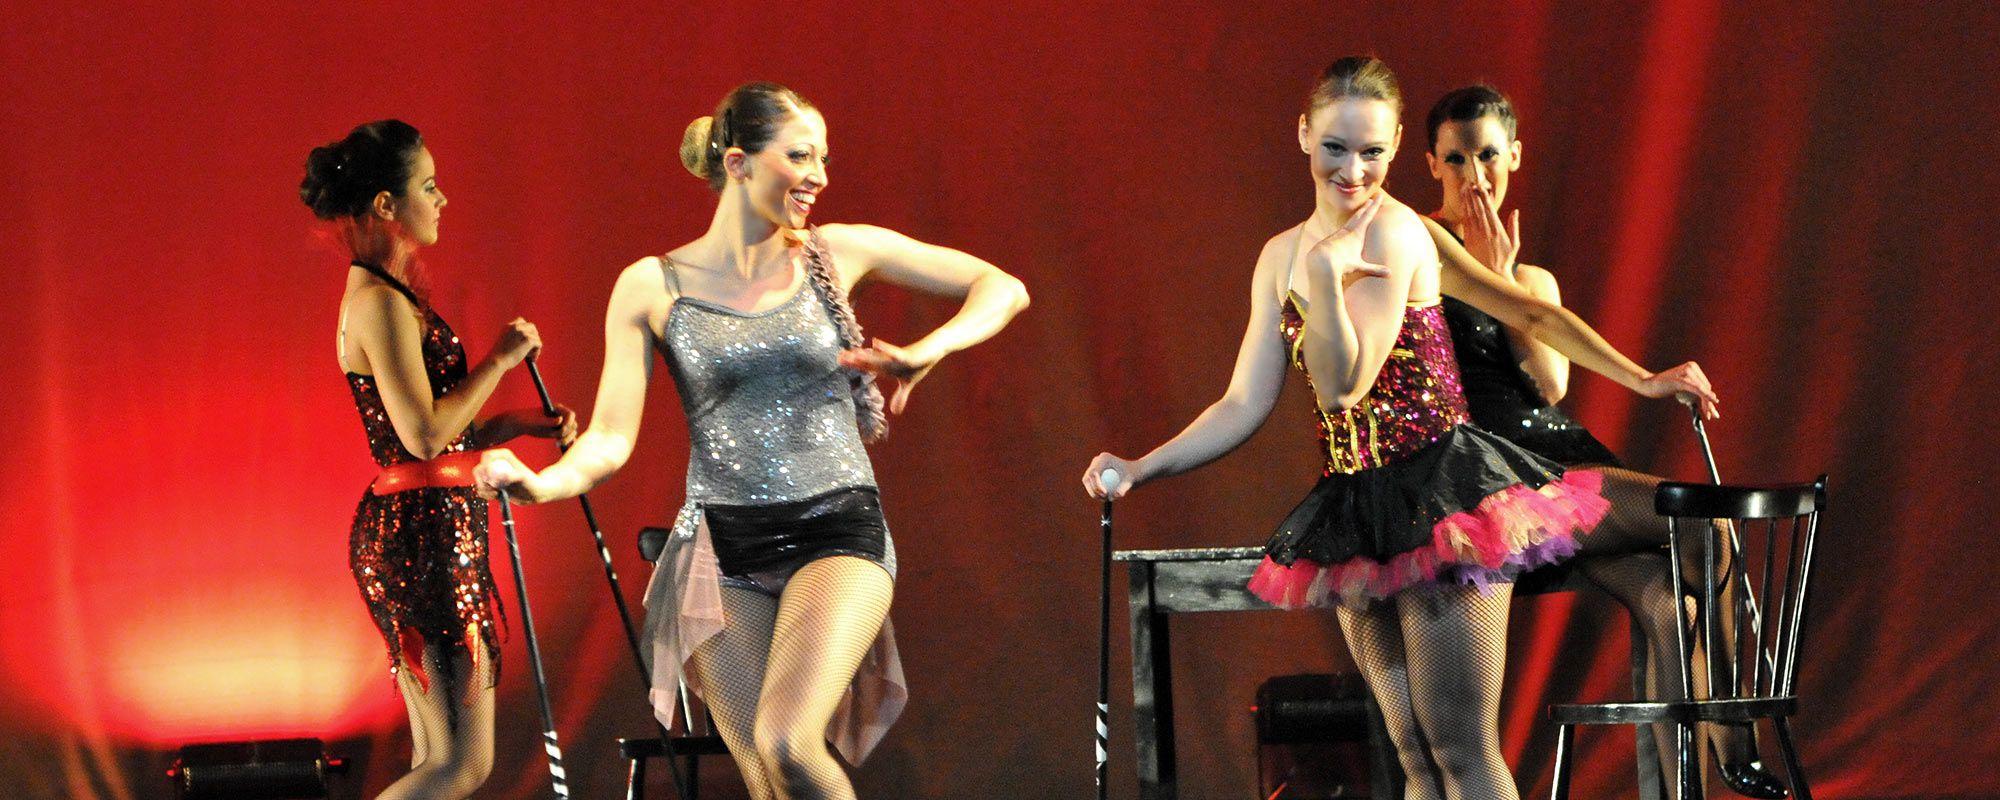 Compagnie Artemis - Cabaret